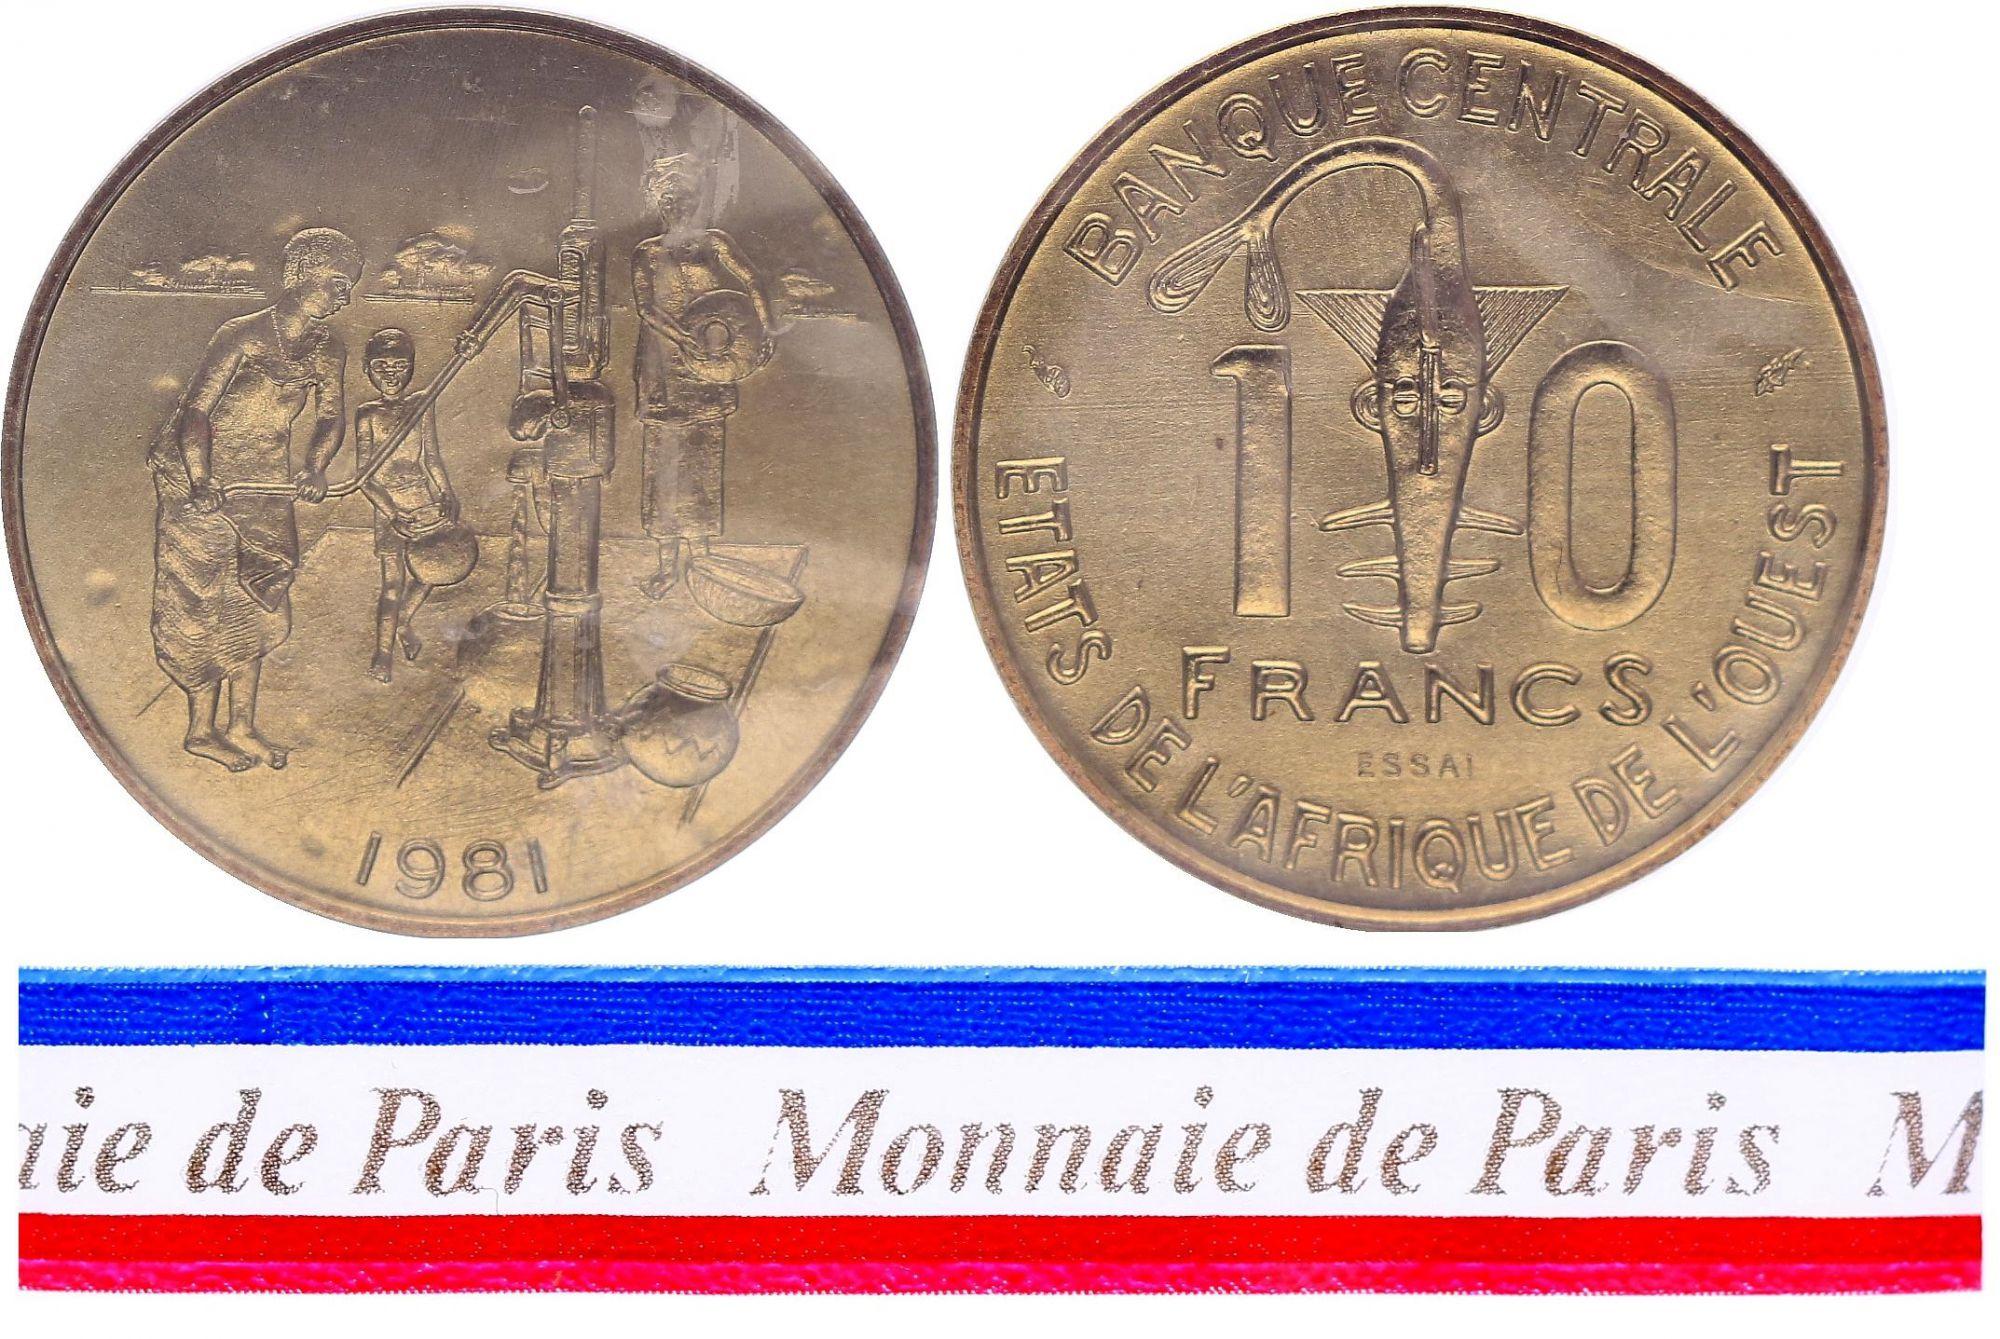 West AFrican States 10 Francs - 1981 - Test strike